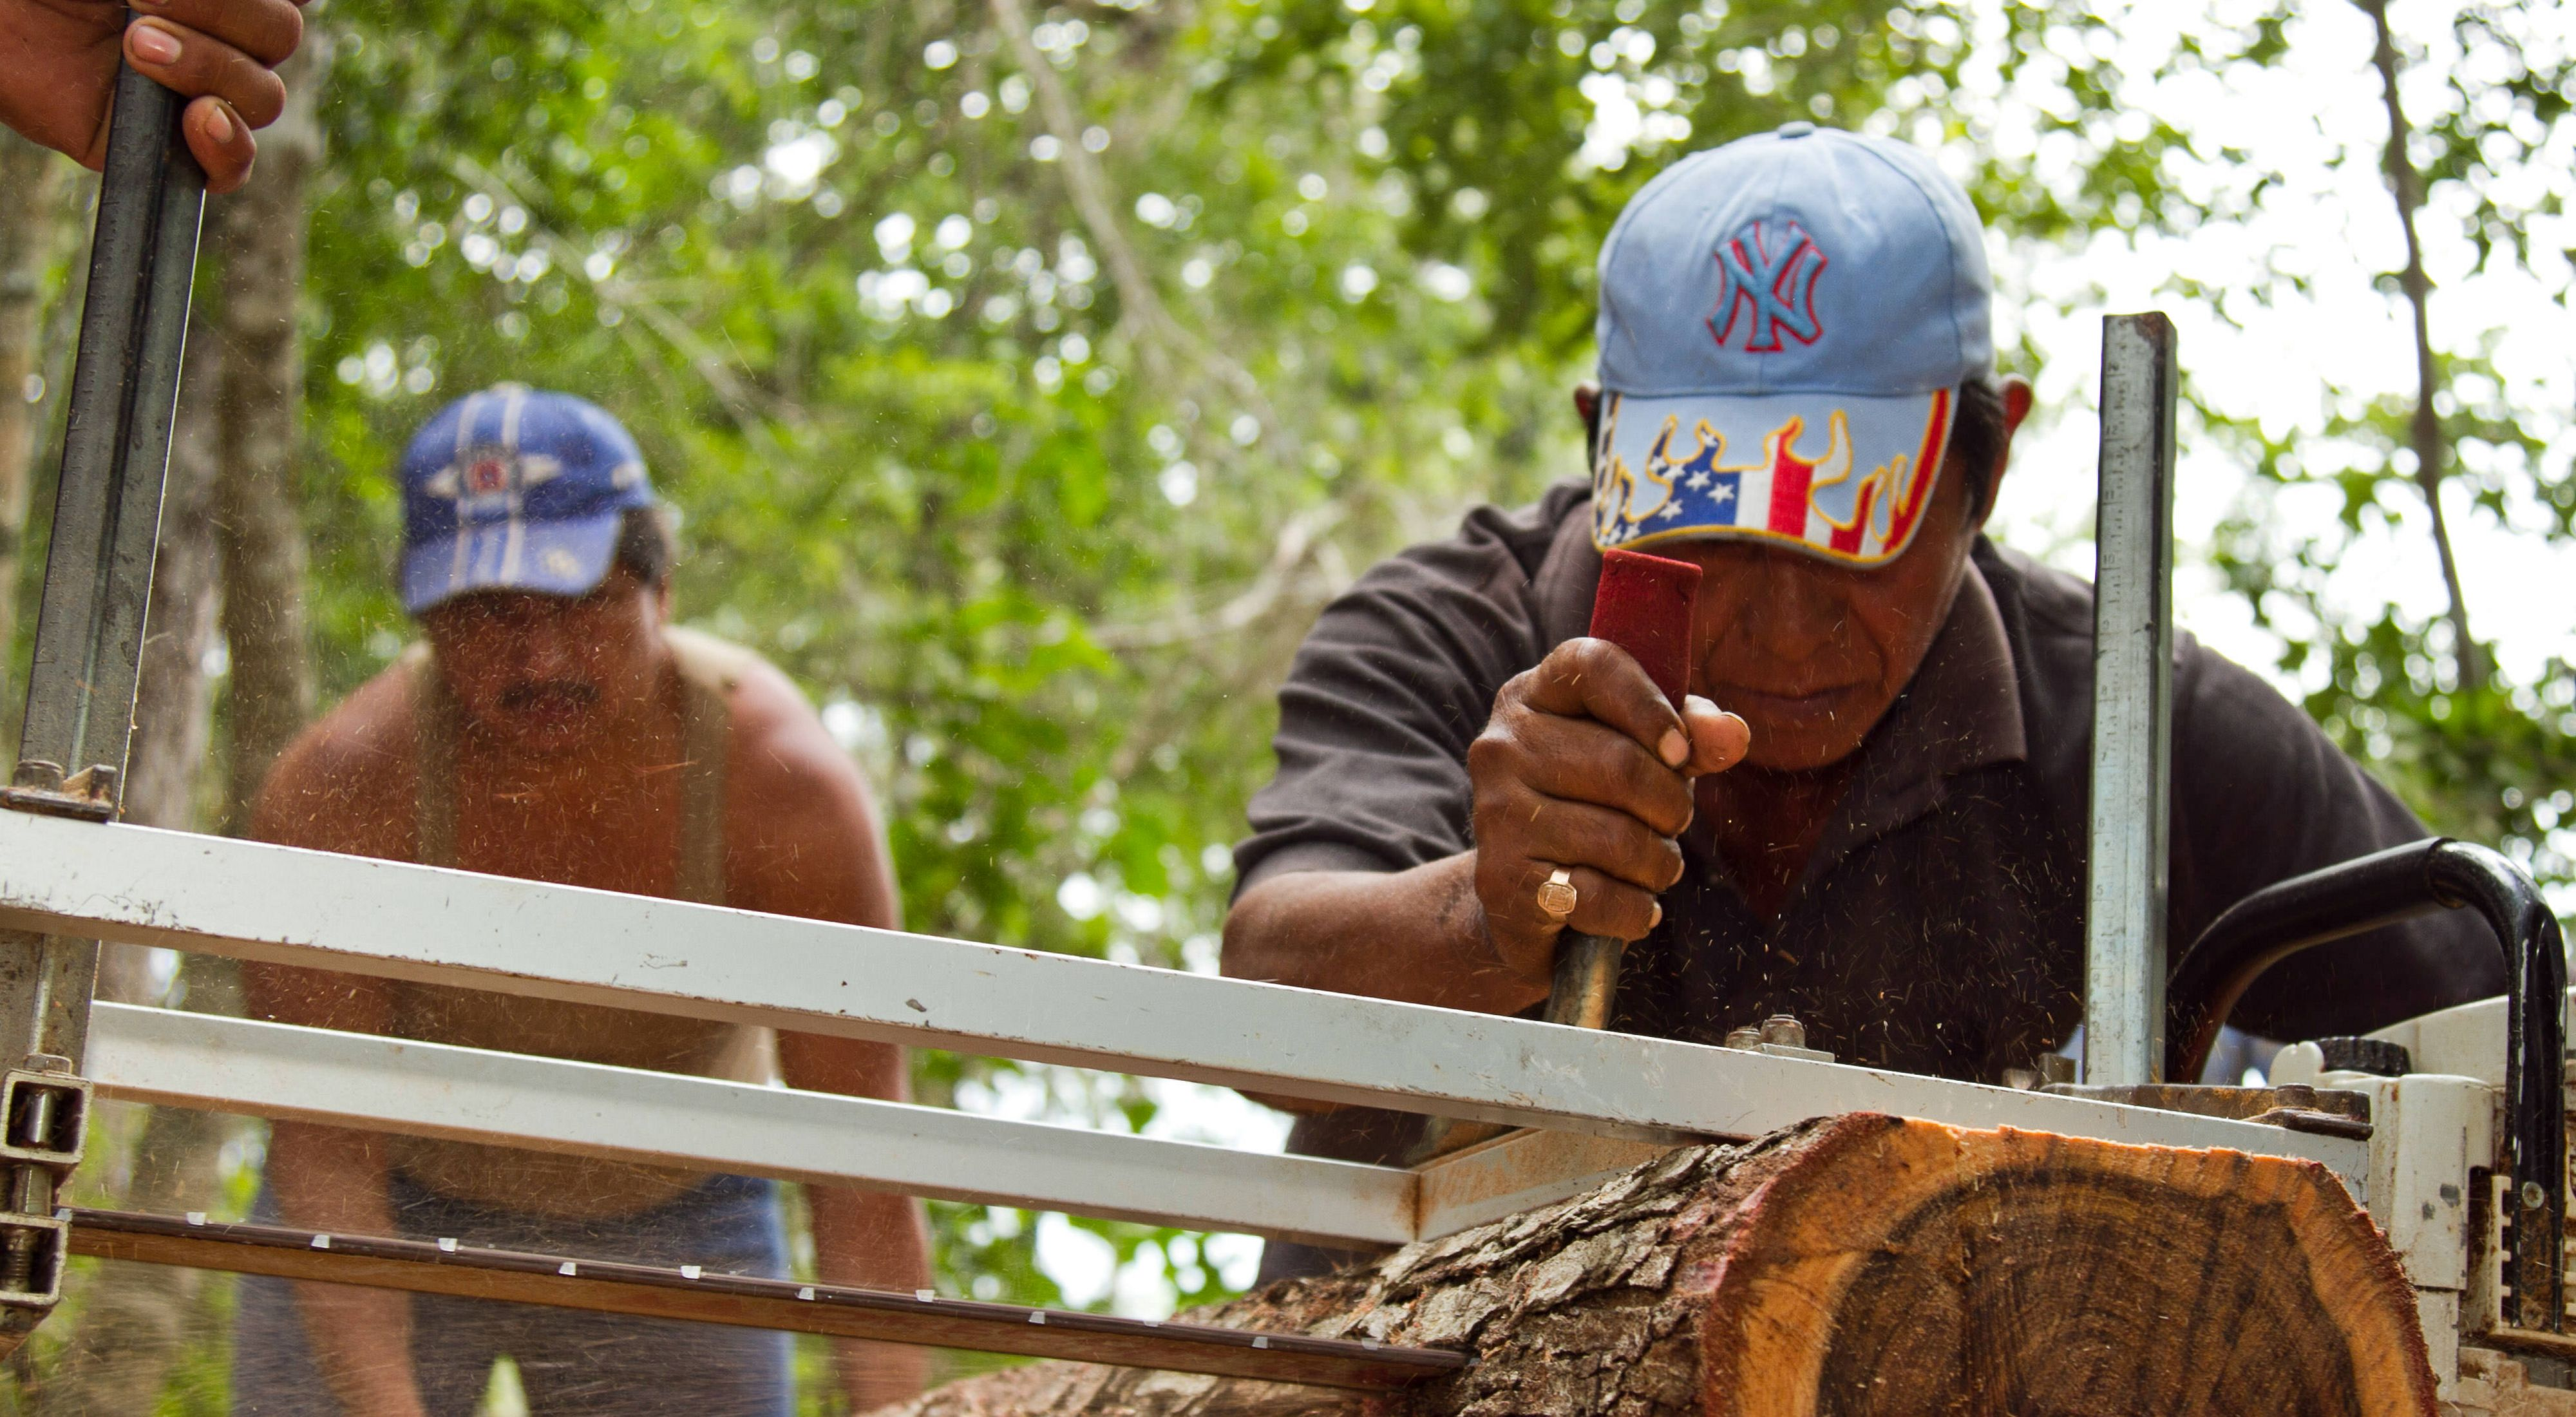 Los hombres del ejido de Bethania, un territorio de propiedad comunal, usan un aserradero portátil para cortar tablas de madera de los árboles que cosechan.